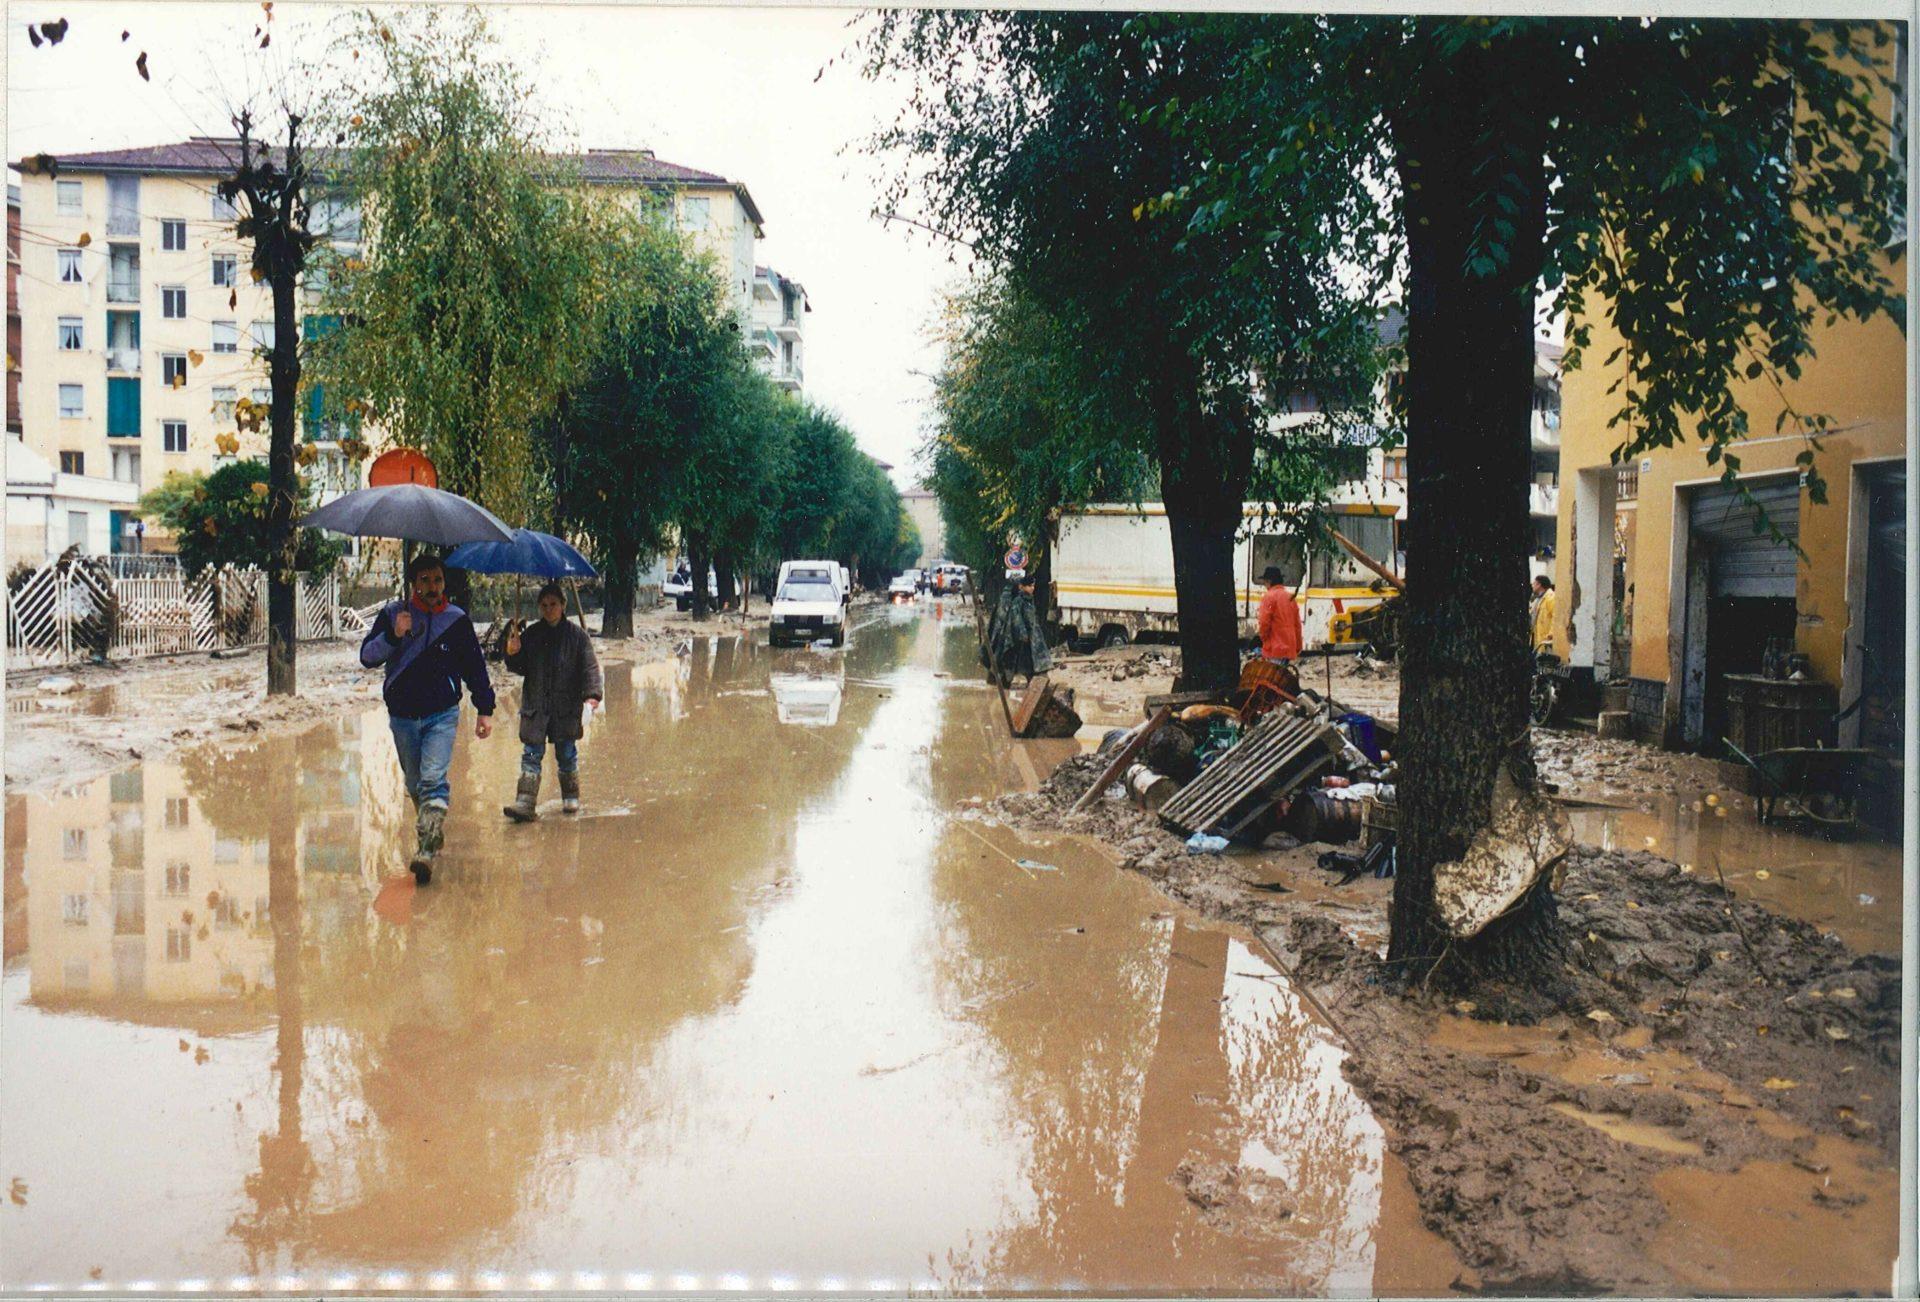 Alluvione: 25 anni fa Canelli nel fango - La Nuova Provincia - La Nuova Provincia - Asti